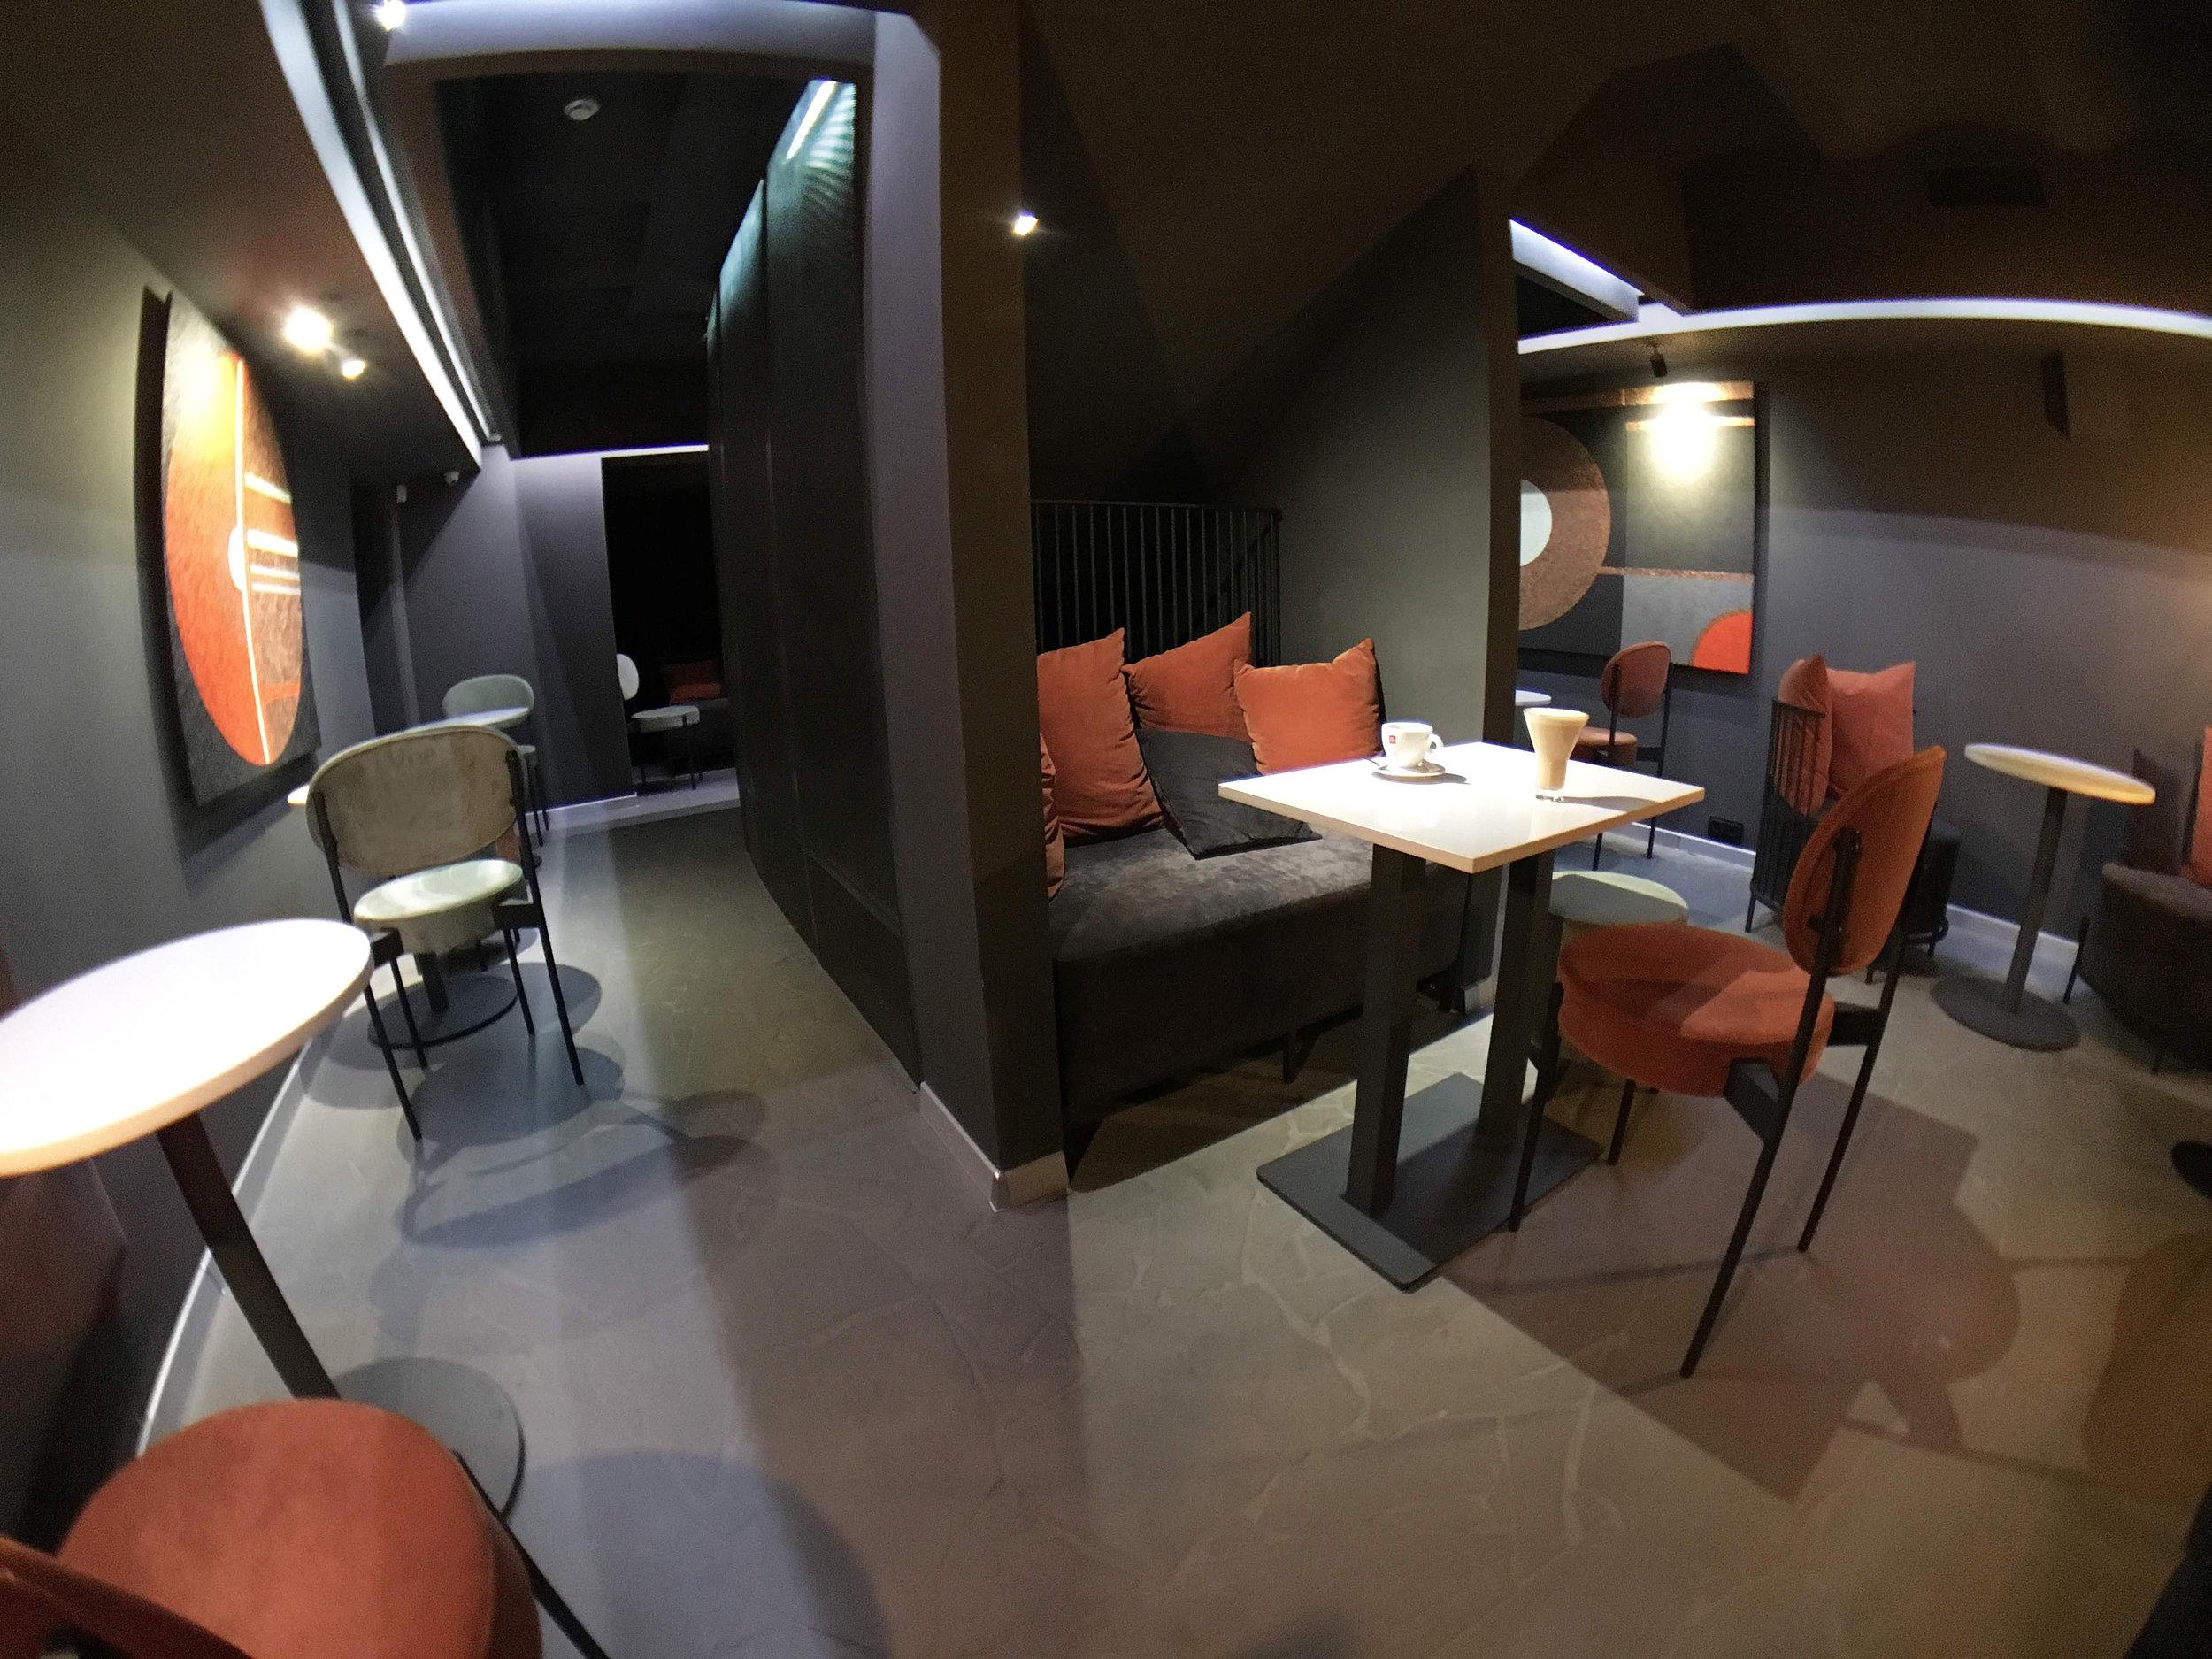 illy espresso bar - Виды работ: меблирование помещения